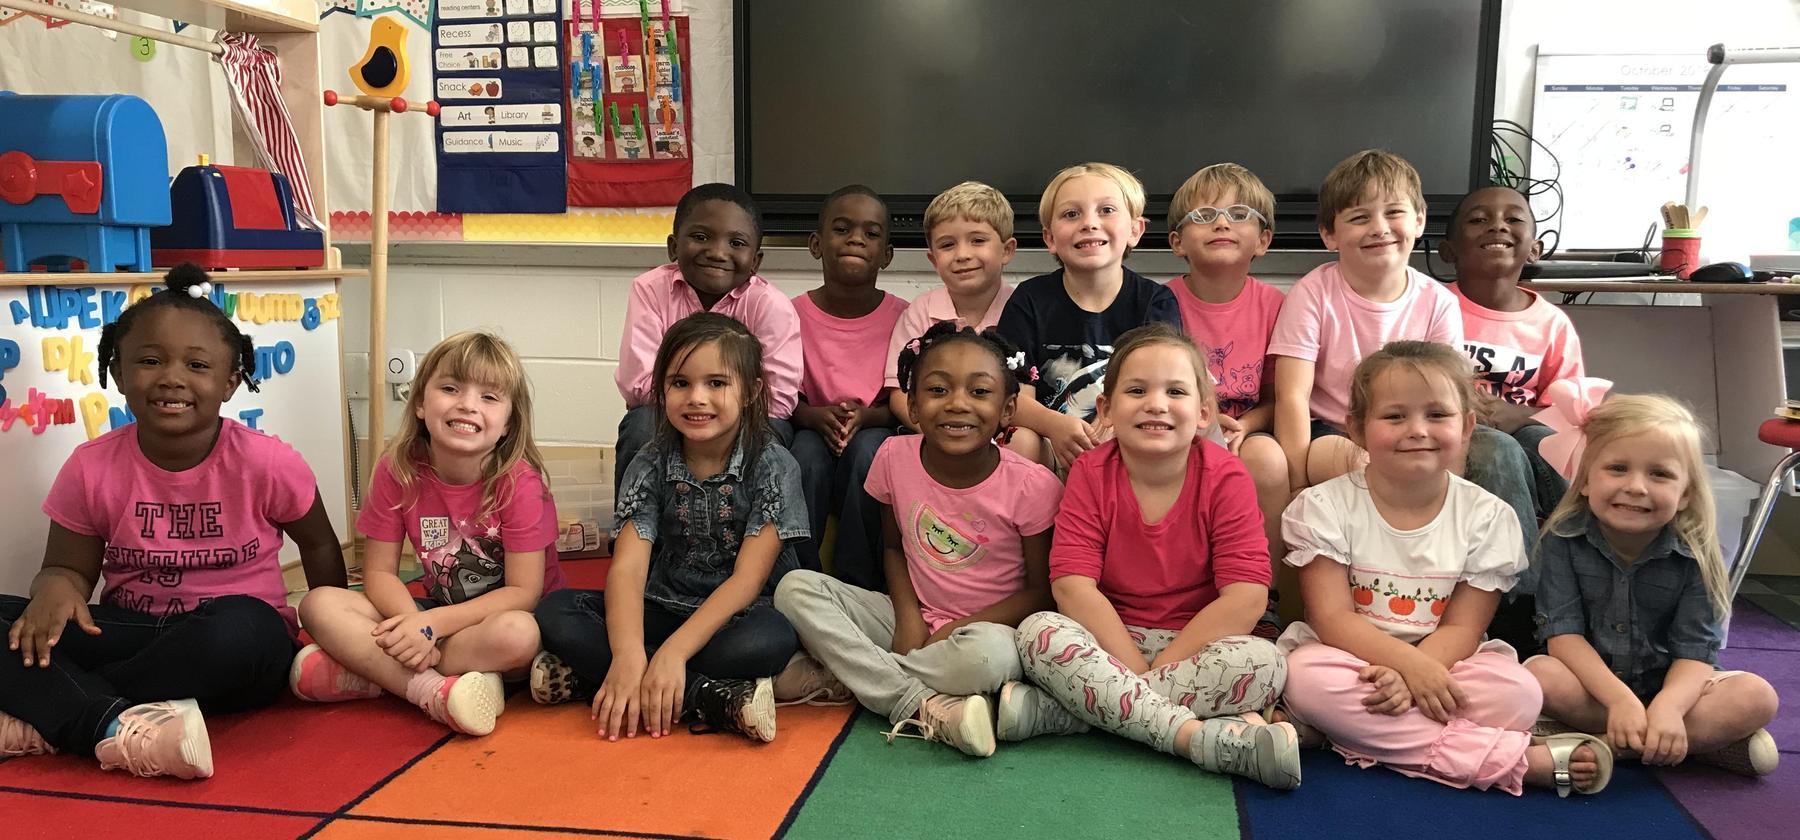 class wearing pink shirts